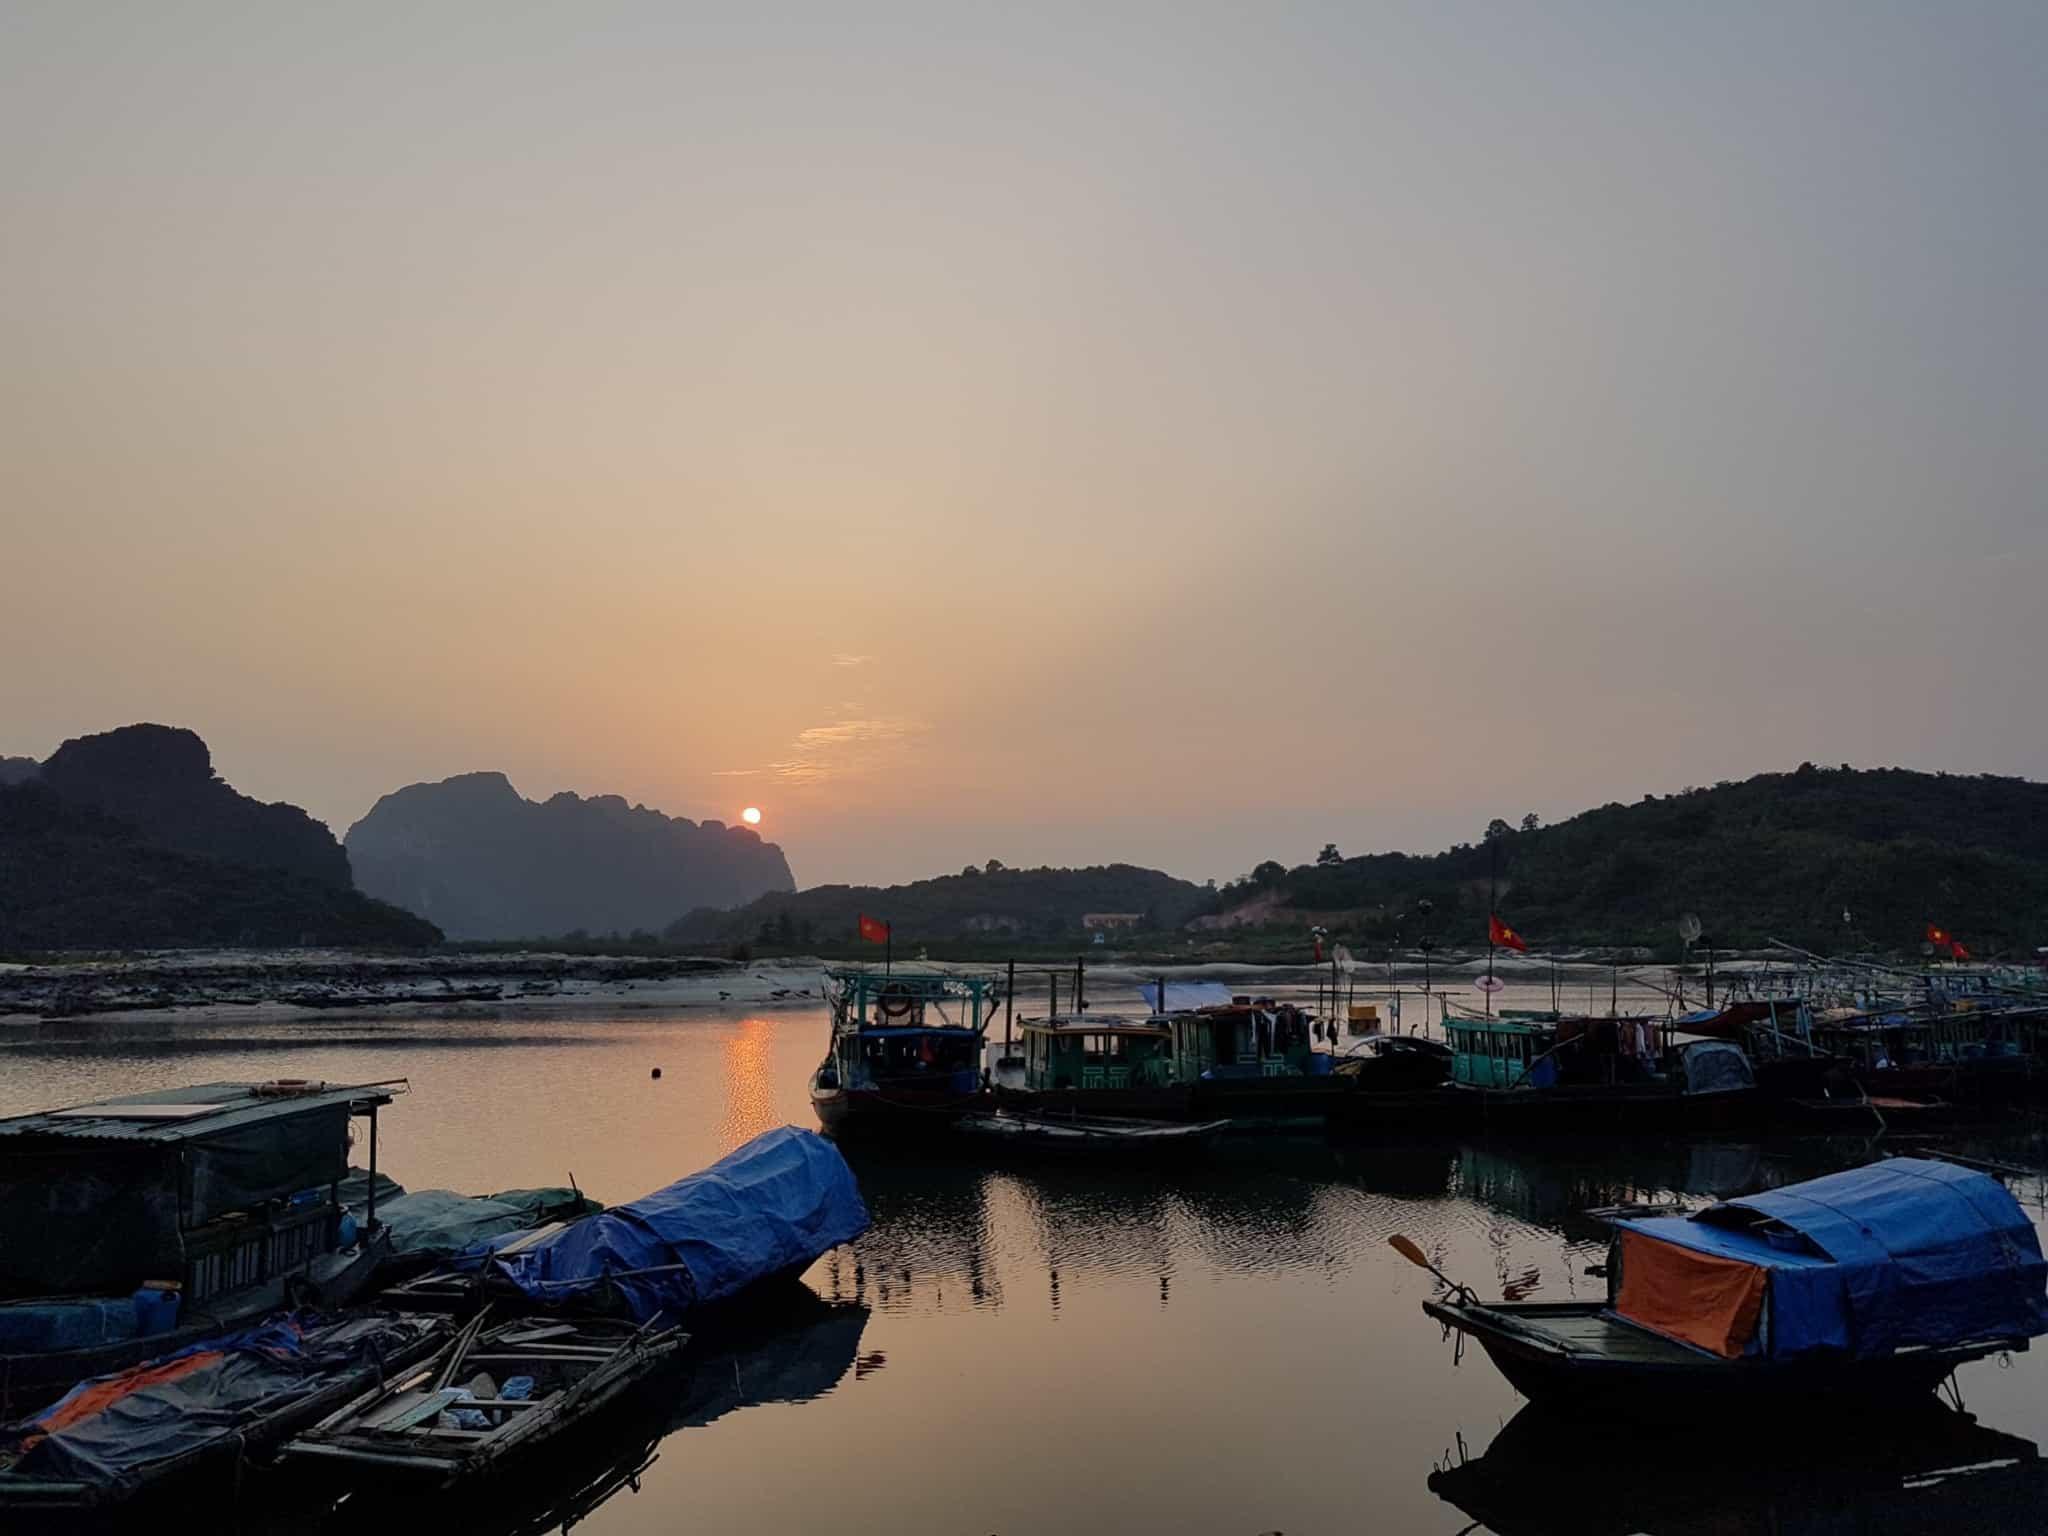 Vietnam, tour en bateau privé dans la baie d'Halong ⛵ 31